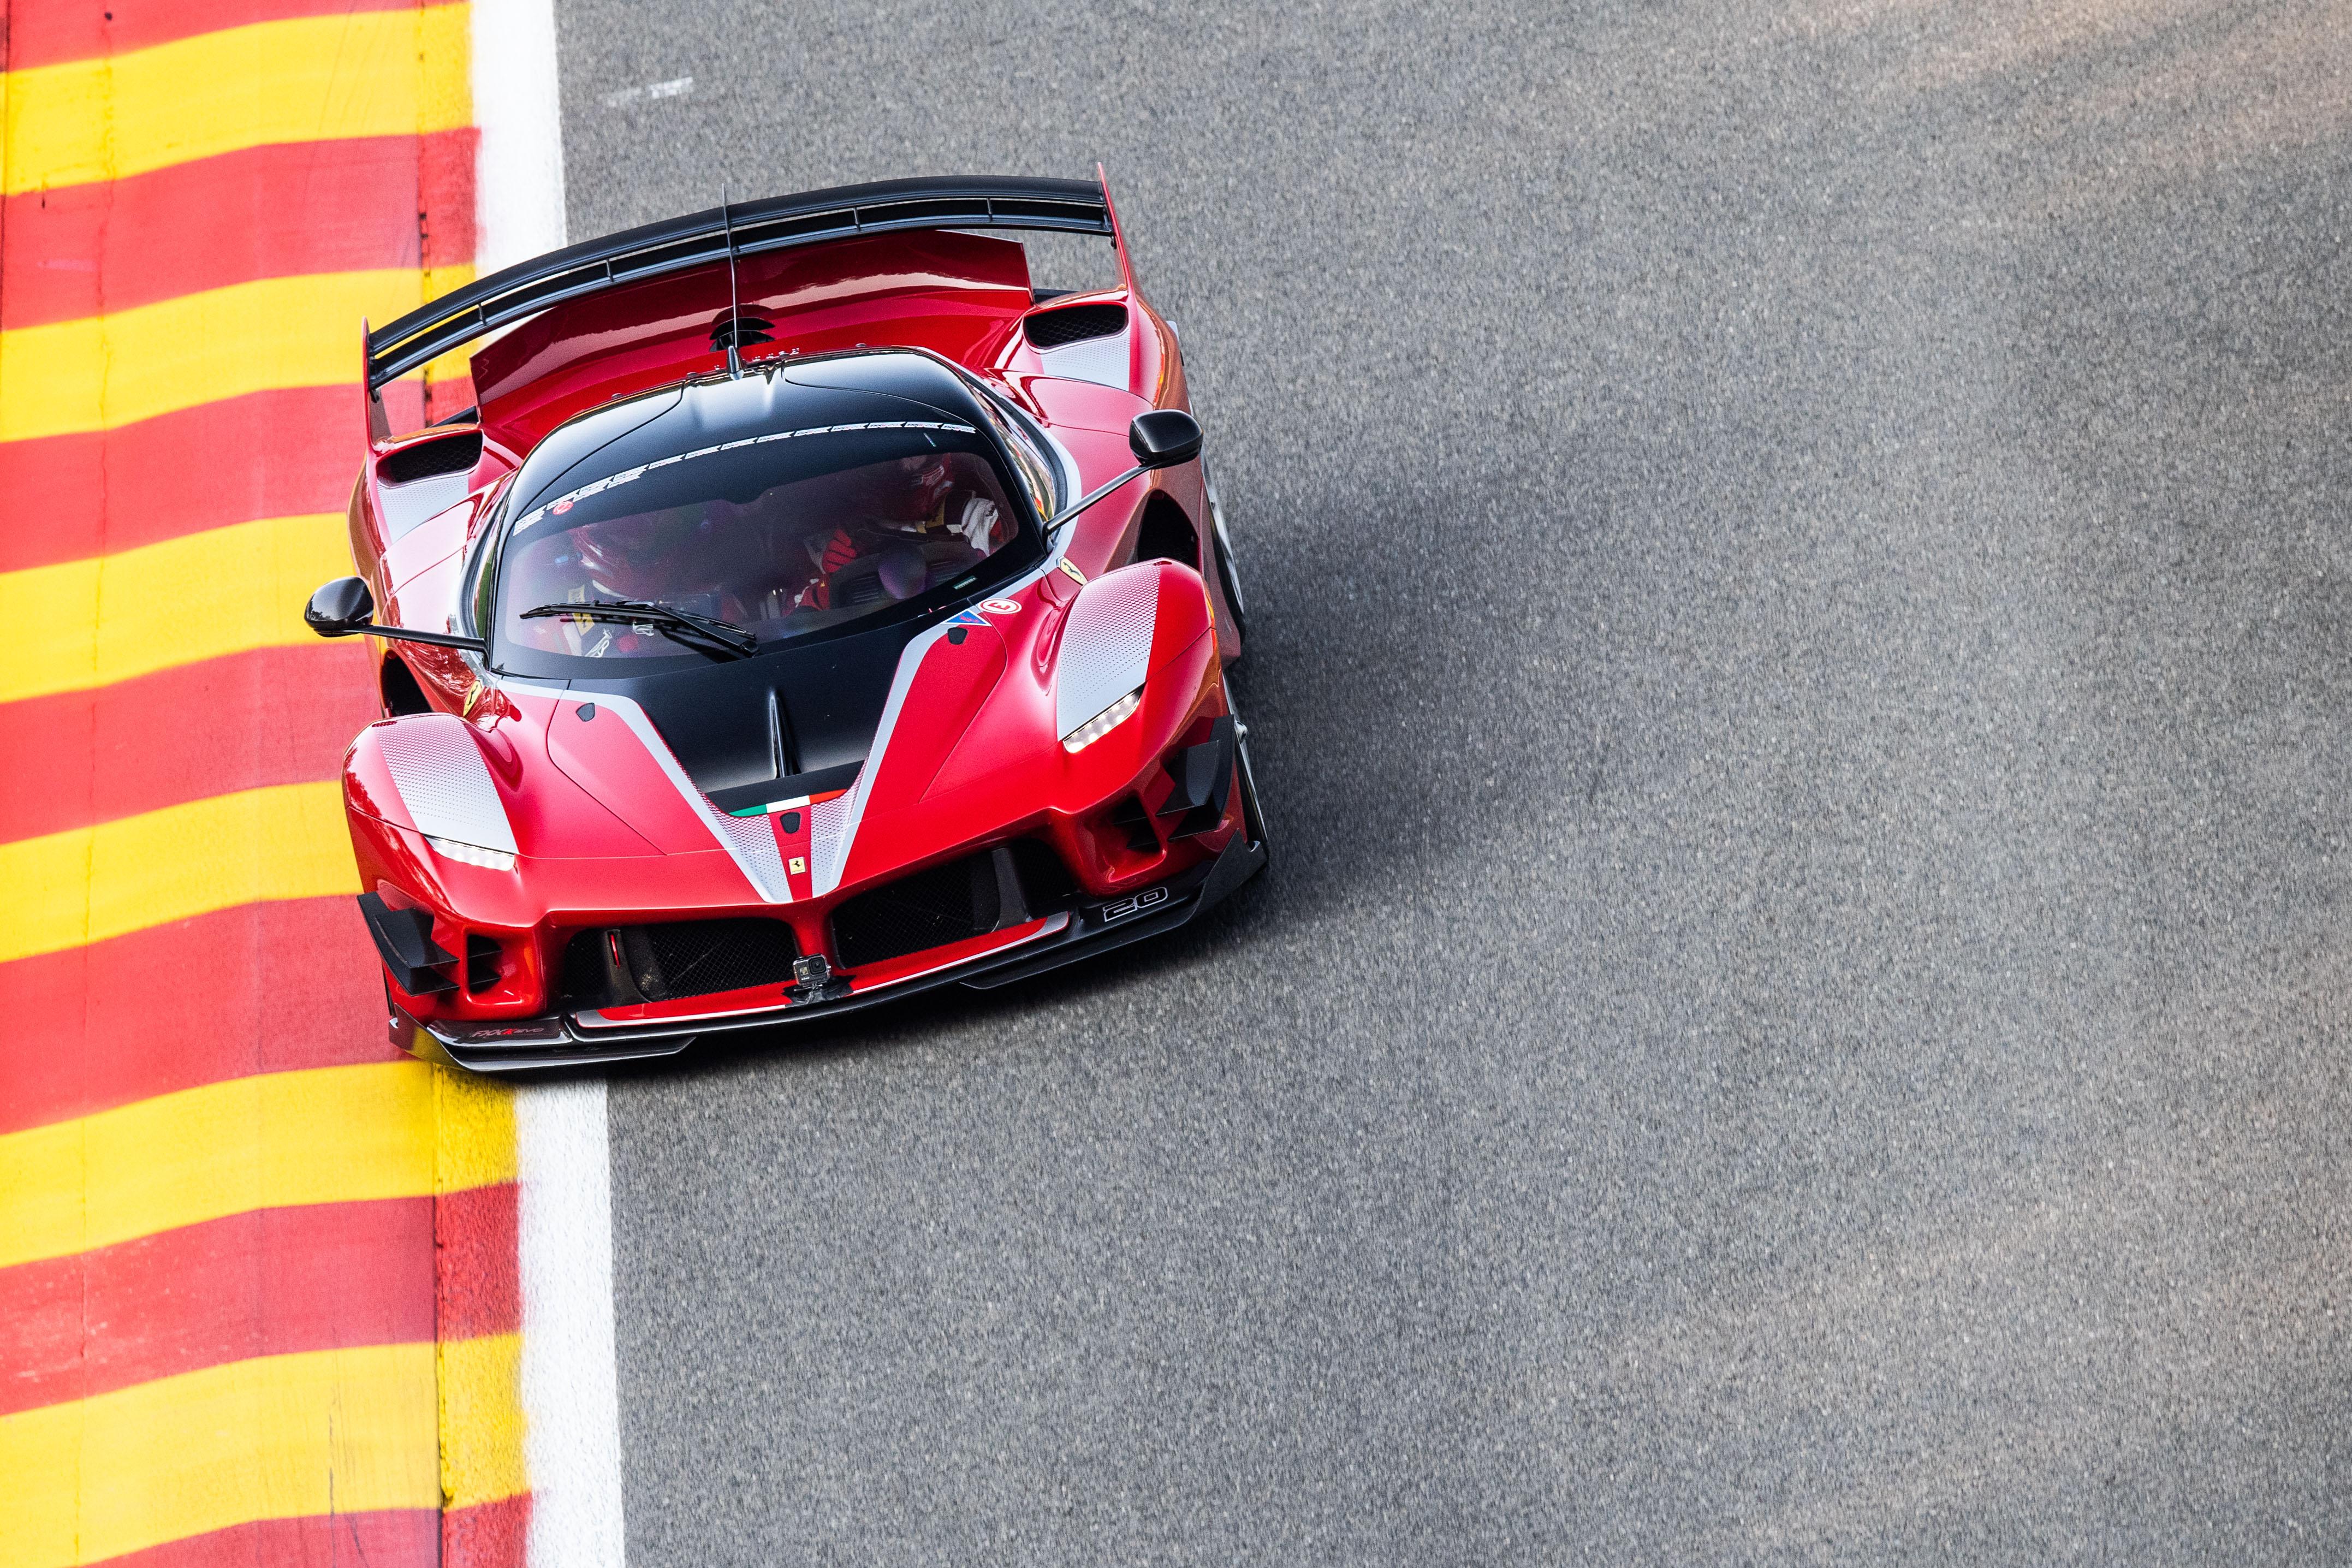 200742-ferrari-racing-days-f1-clienti-xx-spa-saturday